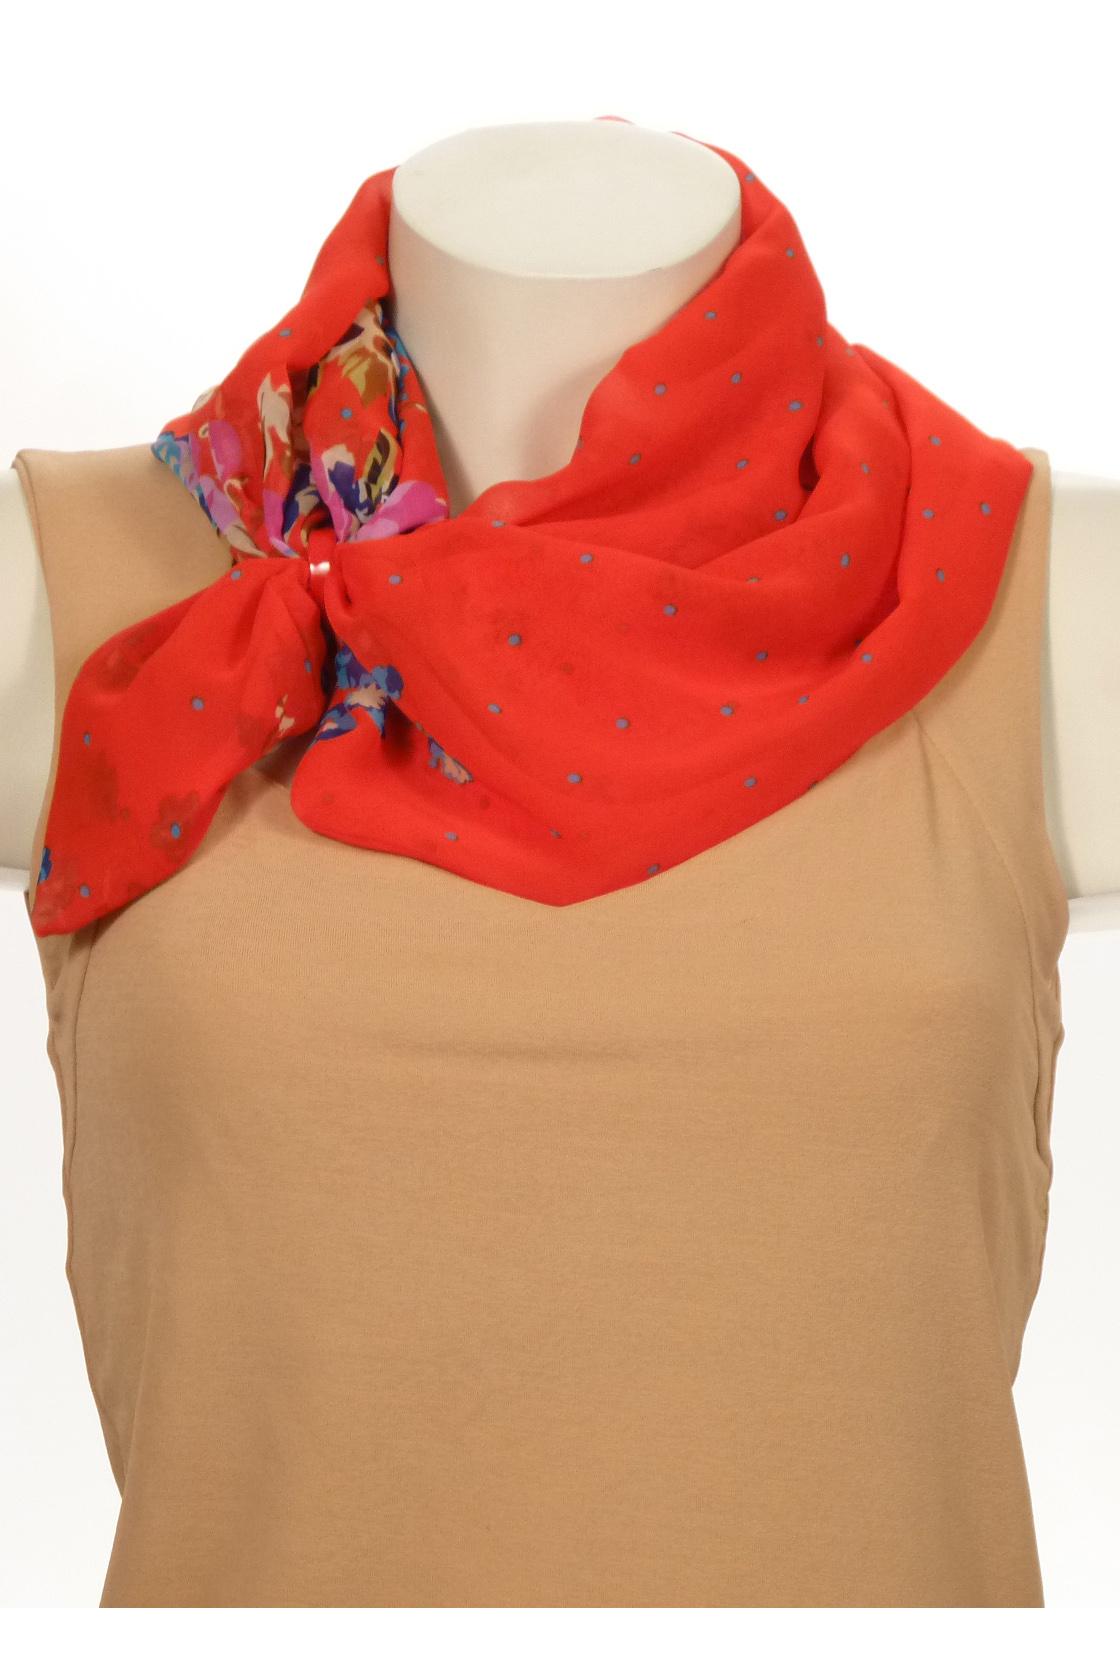 Шарф-дуэтШарфы<br>Шарф - дуэт это тандем шарфа и муфты, которая вшита в шарф - трубу. Шарф - труба в сшитом состоянии: длина 140 см, ширина 24 см.  В изделии использованы цвета: красный, синий и др.<br><br>По сезону: Всесезон<br>Размер : UNI<br>Материал: Шифон<br>Количество в наличии: 2